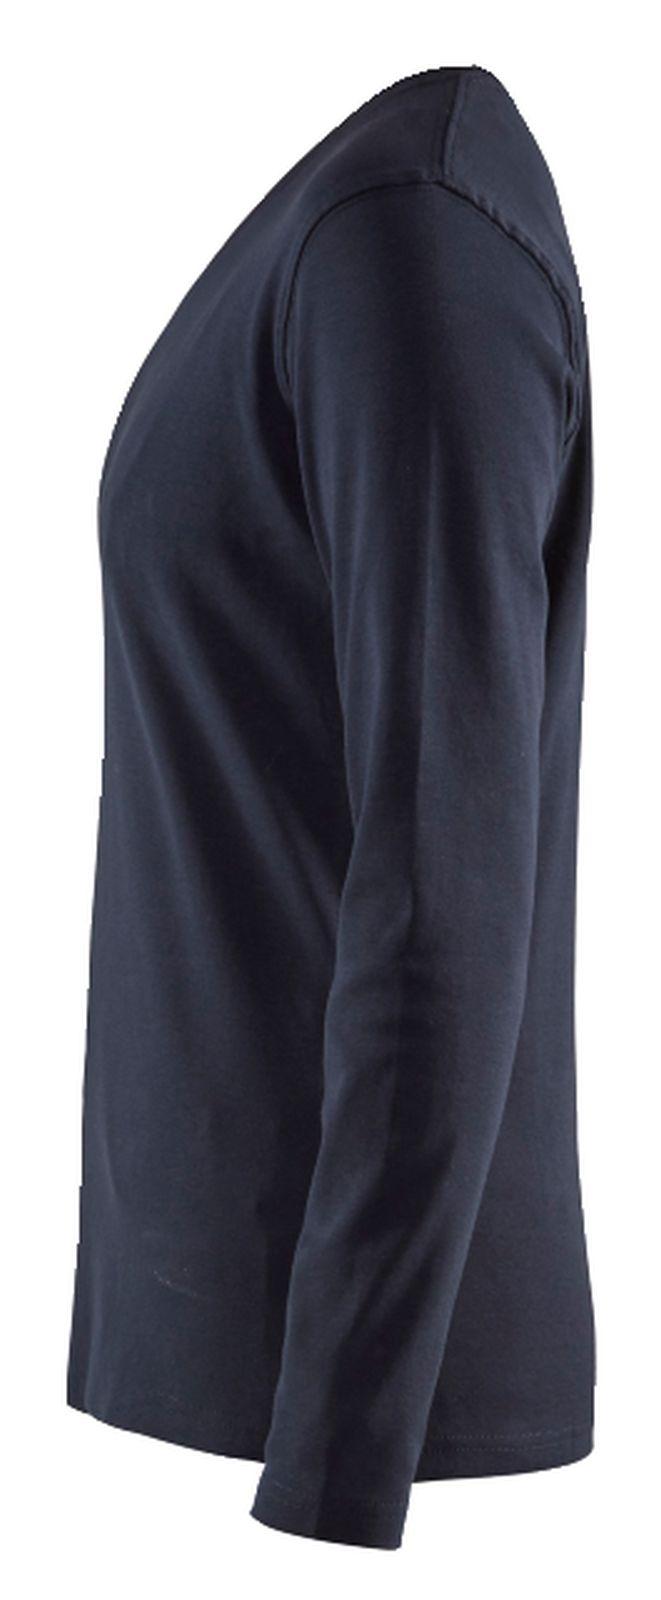 Blaklader T-shirts 33011032 marineblauw(8600)